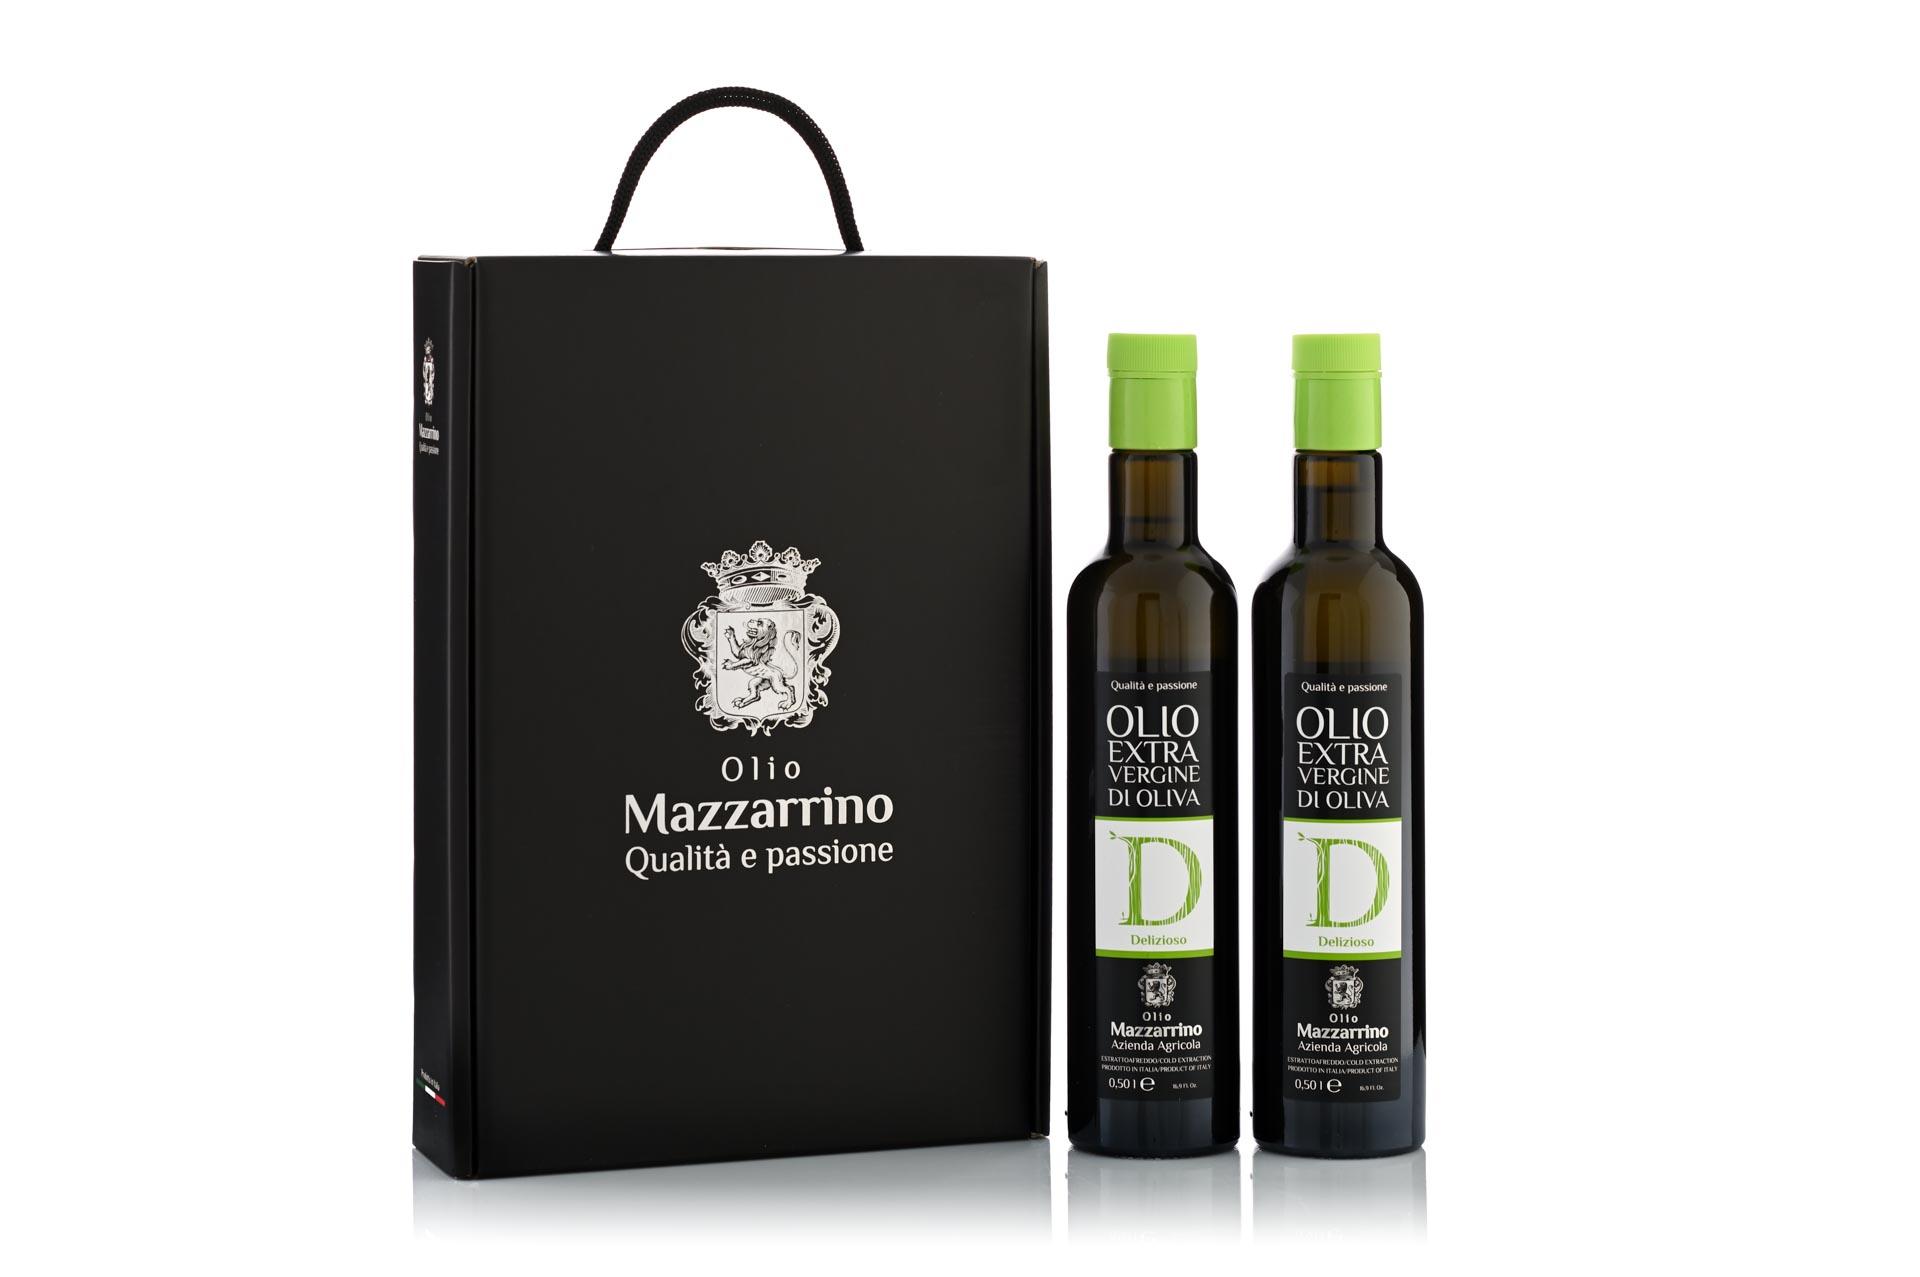 Confezione Regalo Olio Mazzarrino 2 x 500 ml